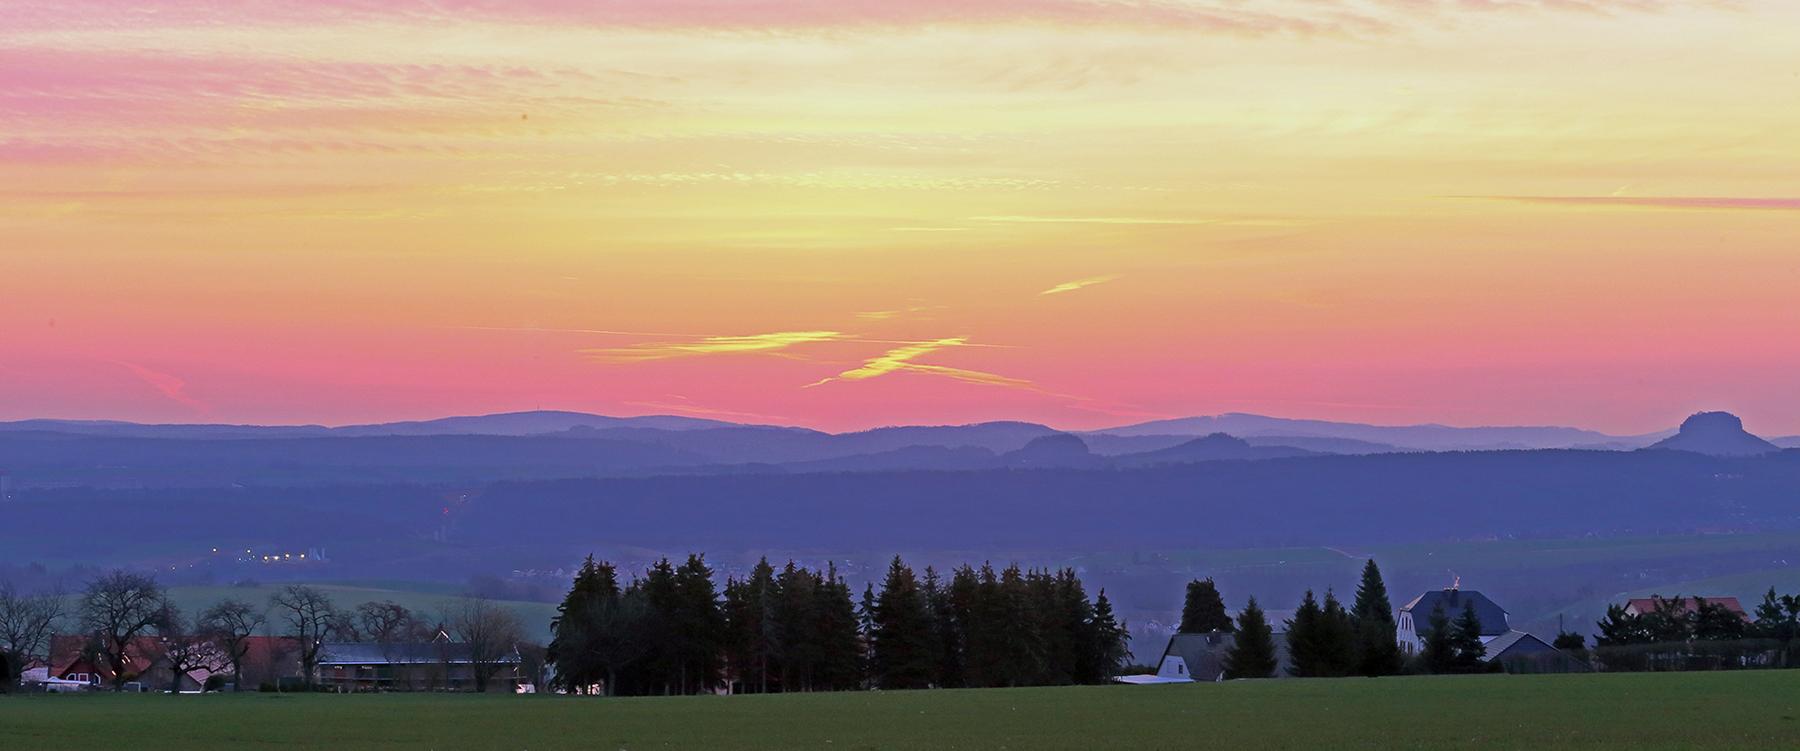 Morgenrot über der Sächsischen Schweiz vom Meusegaster Ziegenrücken